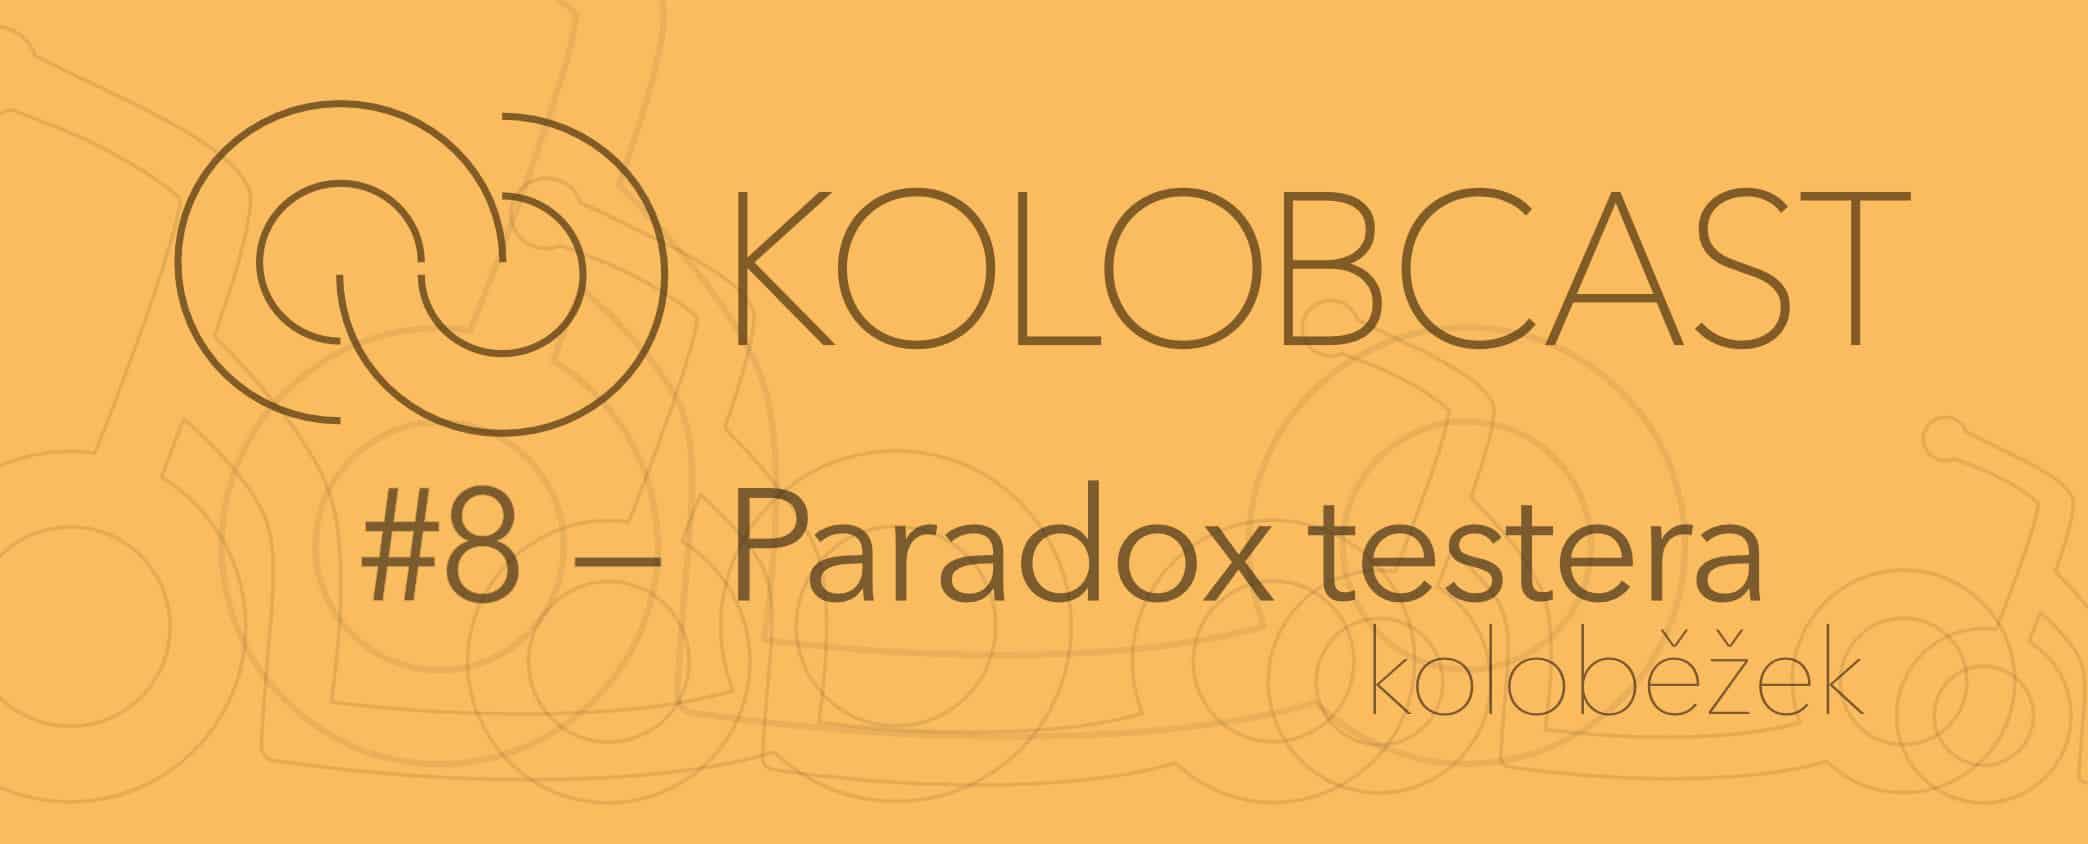 Kolobcast #8 –Jen tak: Paradox testera koloběžek